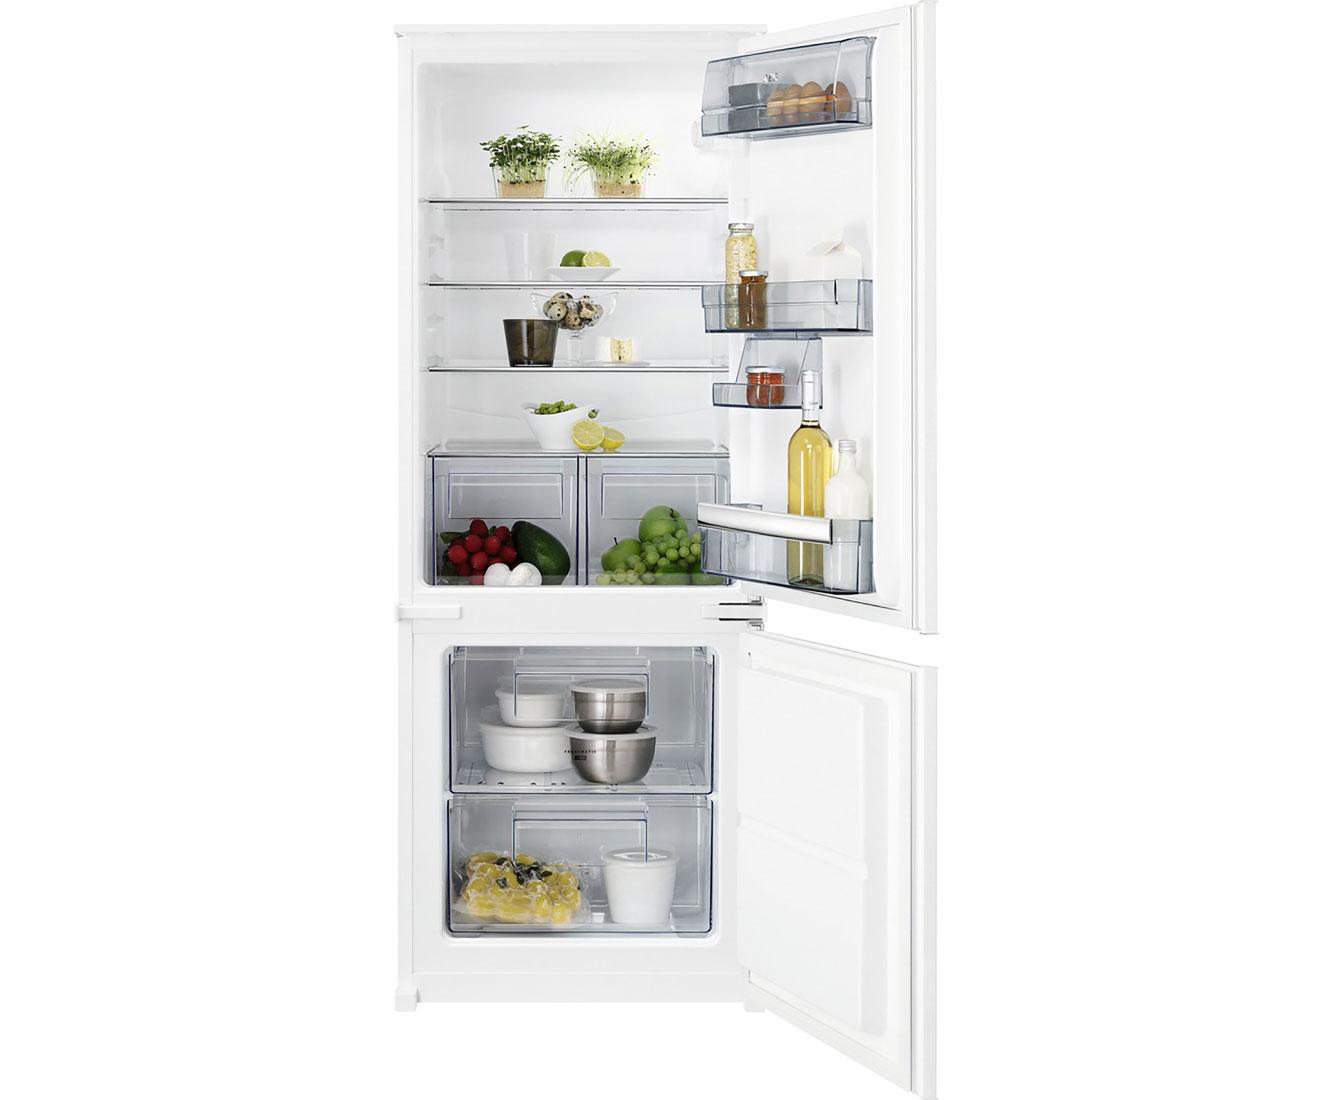 Aeg Kühlschrank Einbauen Anleitung : Aeg santo sca als einbau kühl gefrierkombination er nische